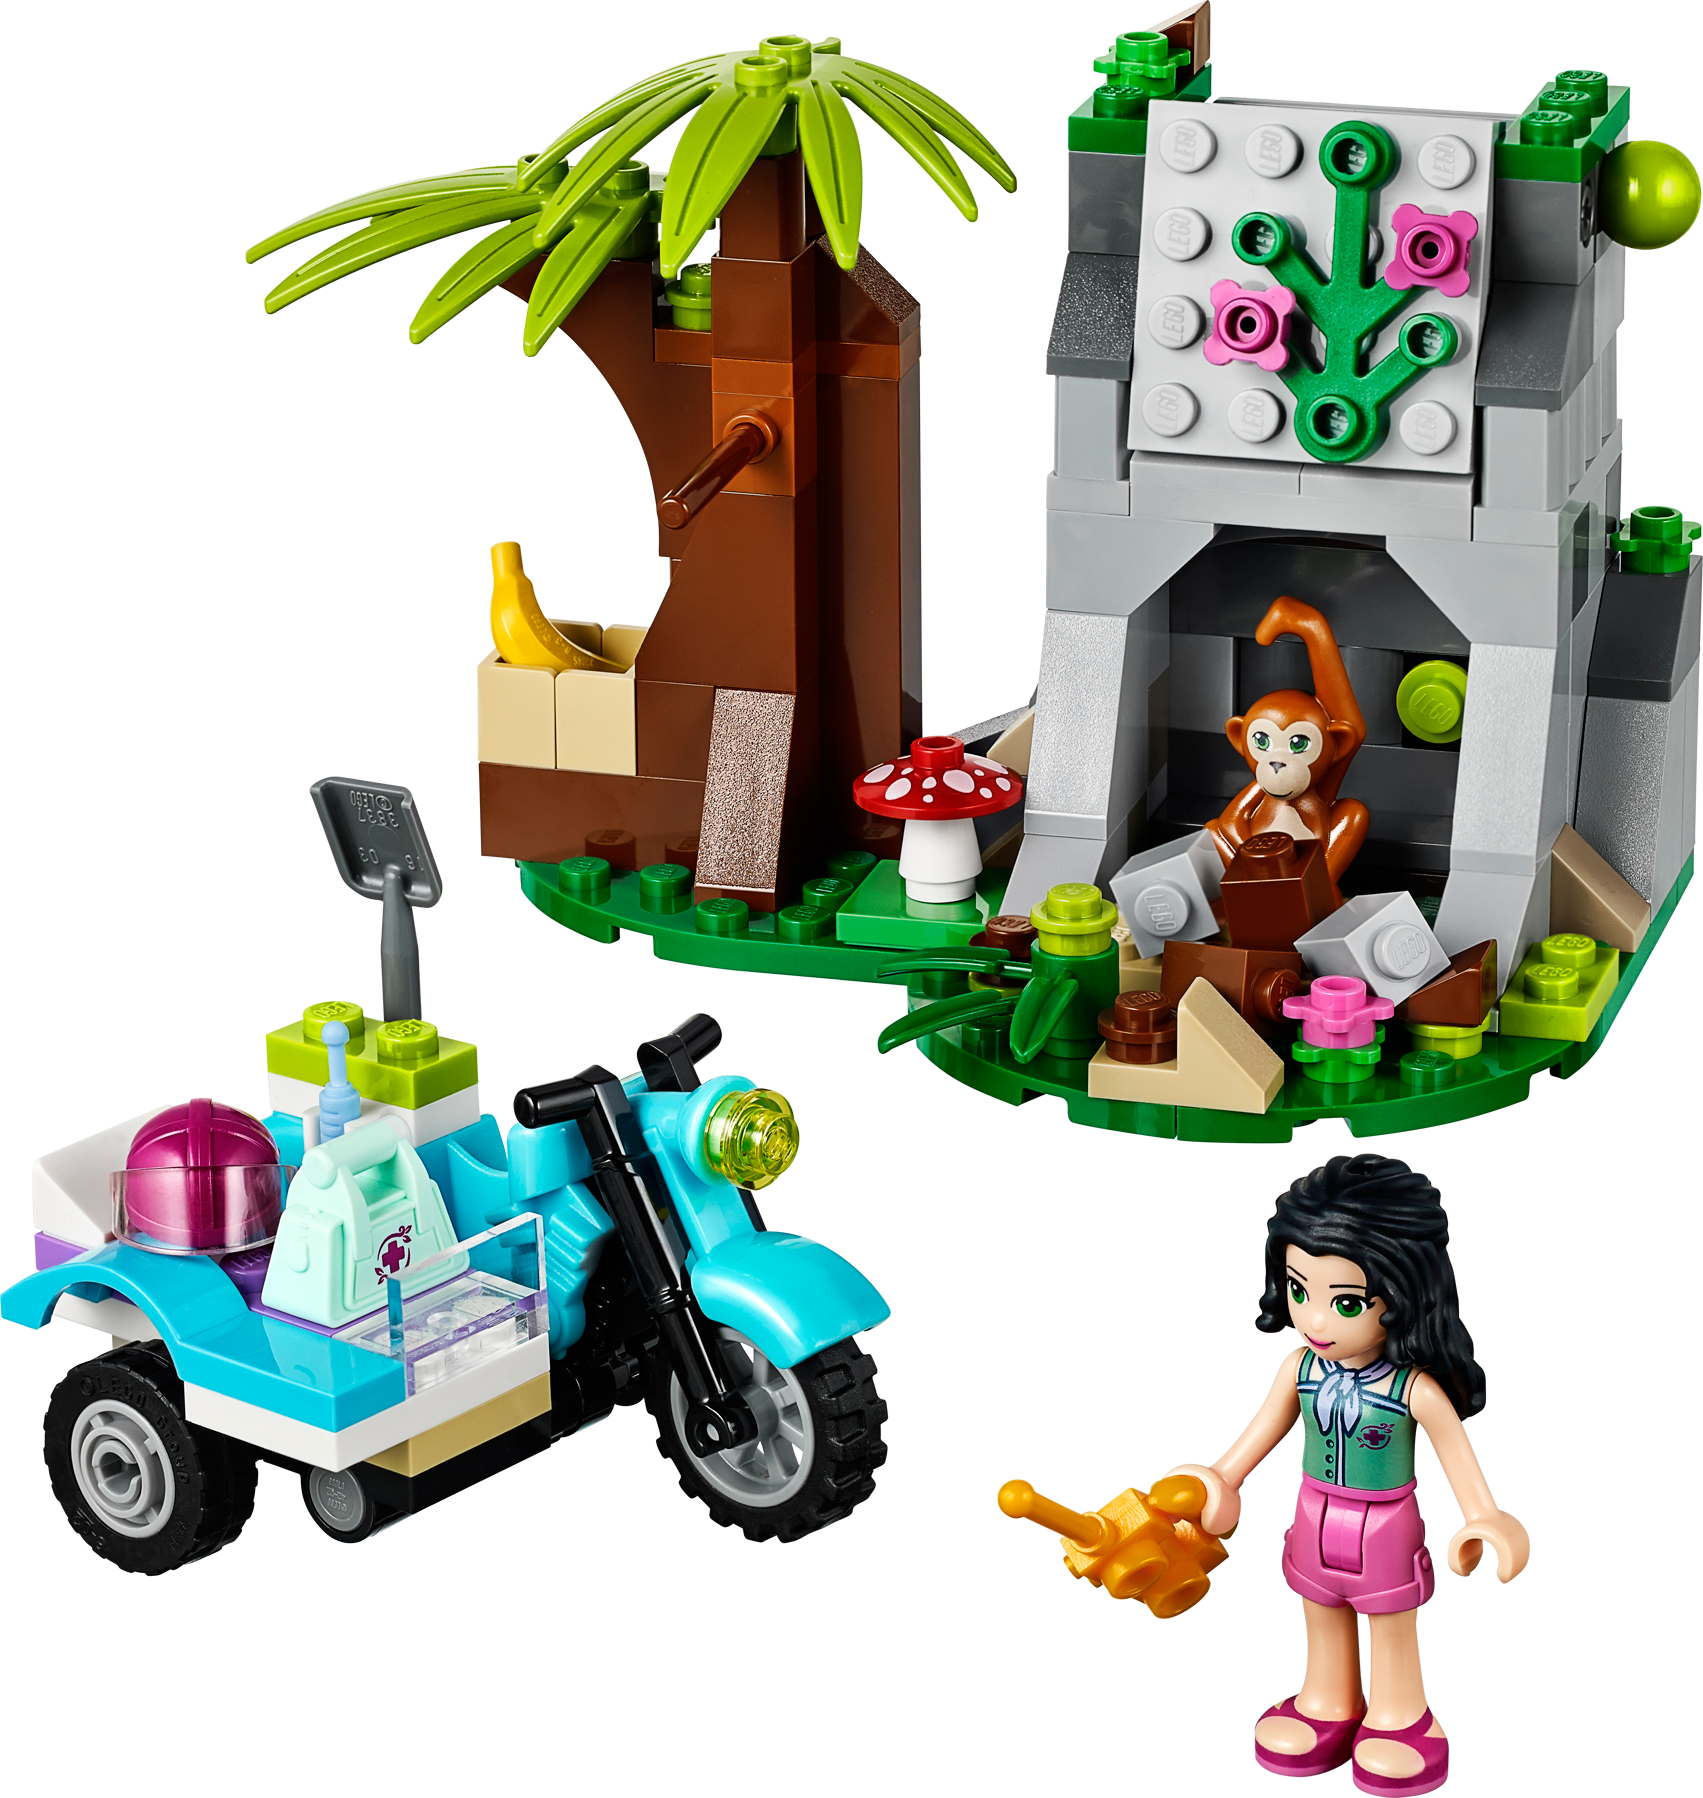 First Aid Jungle Bike